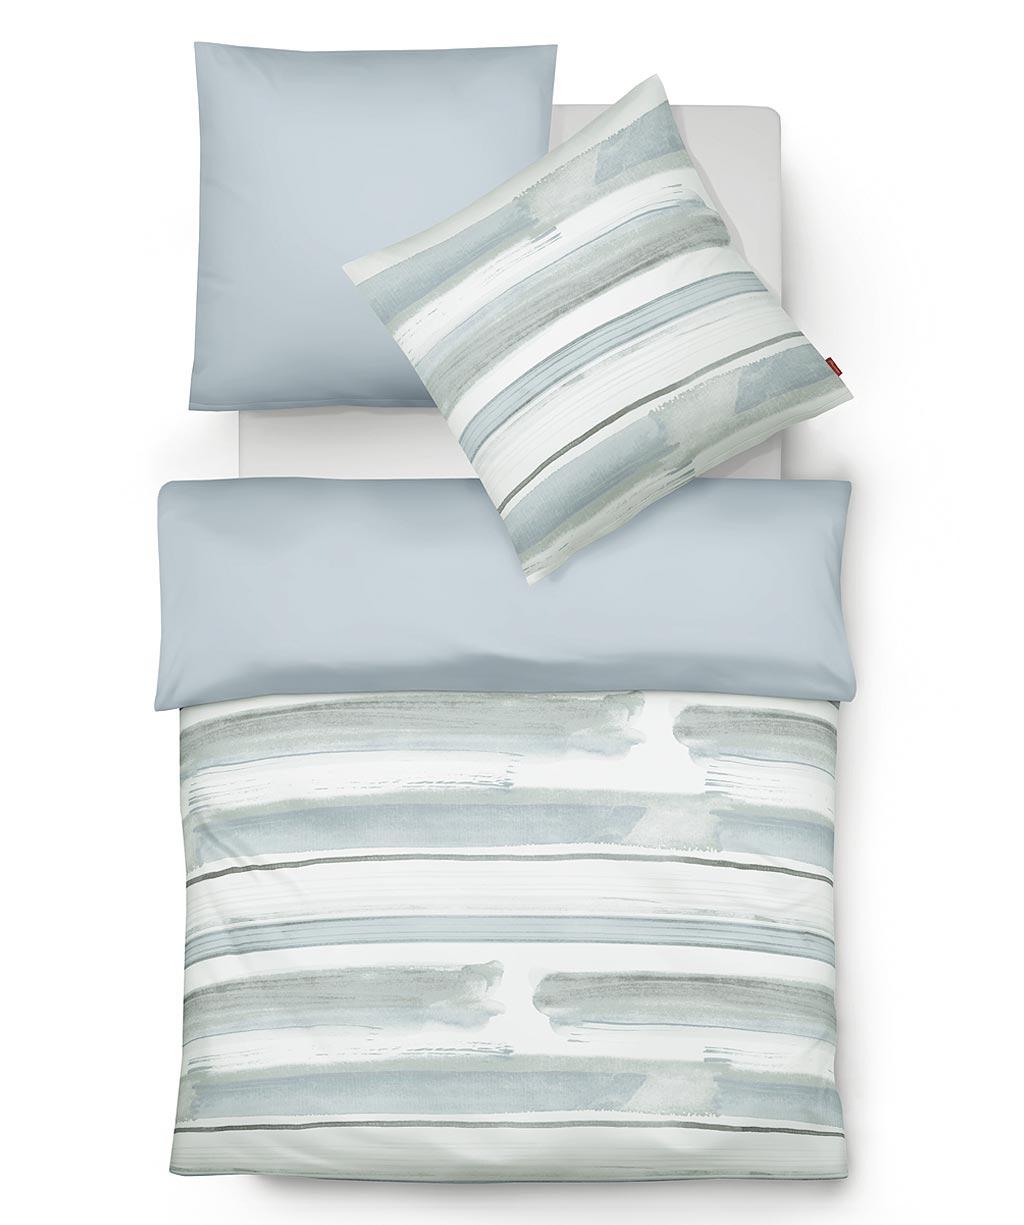 Blau-weiß gestreifte Wendebettwäsche aus feinem Mako Satin